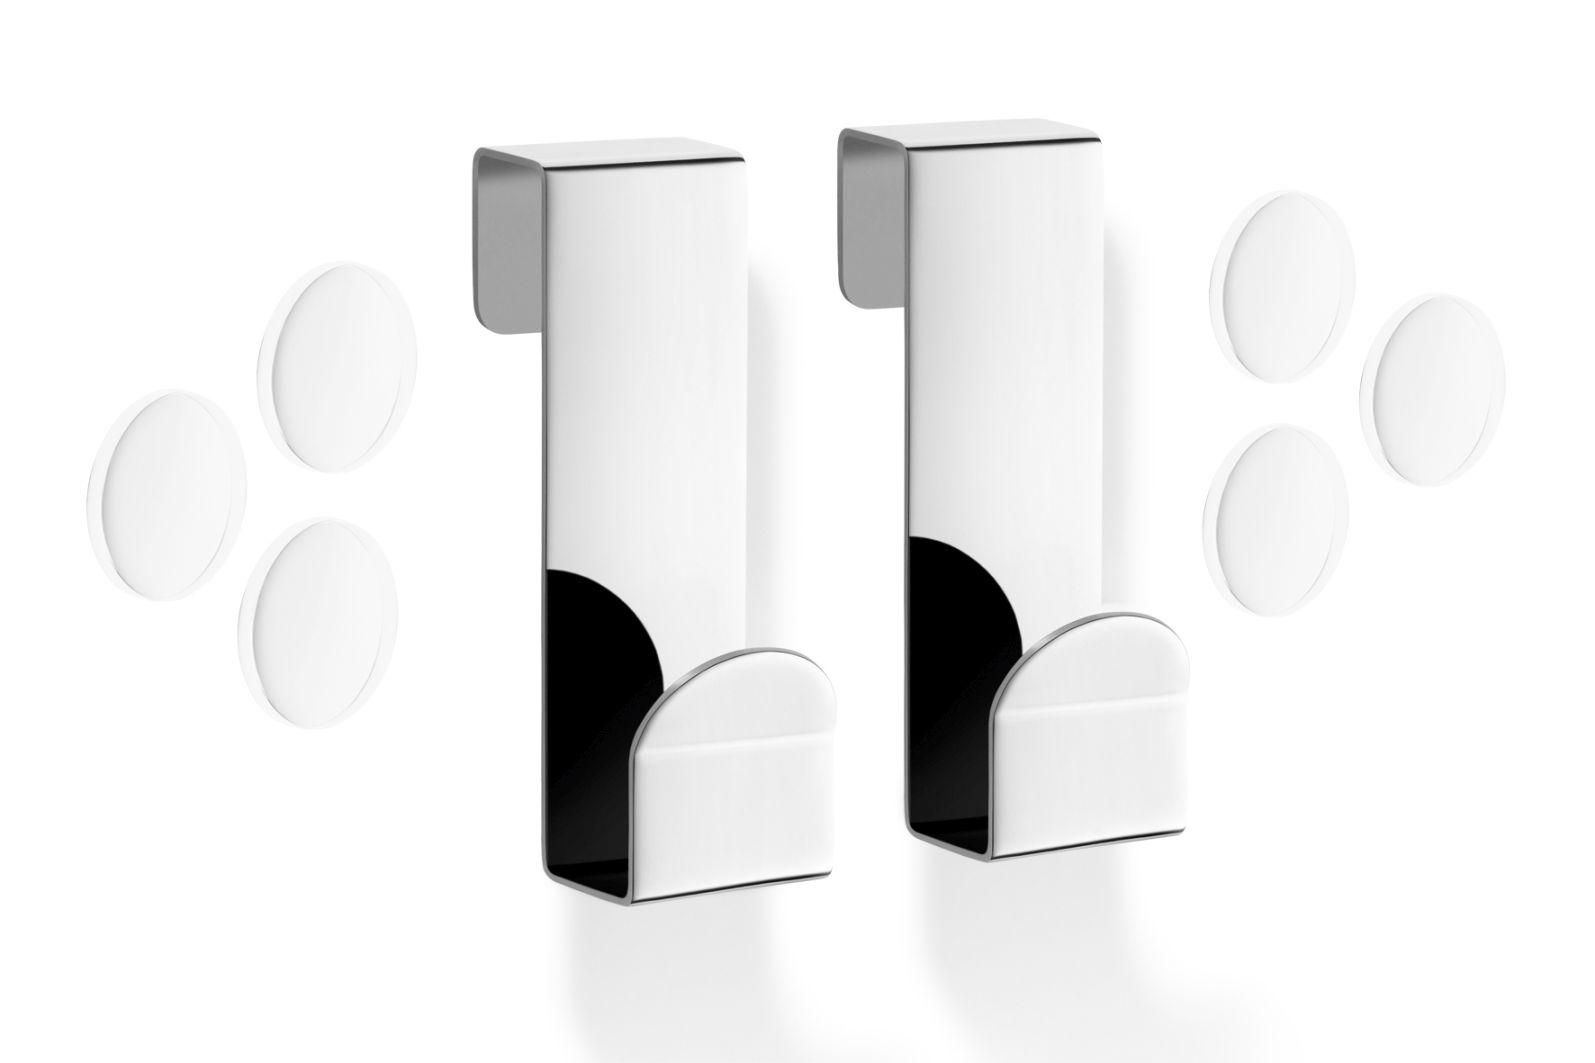 Sada 2 ks háčků na skleněné dveře MITOR - ZACK